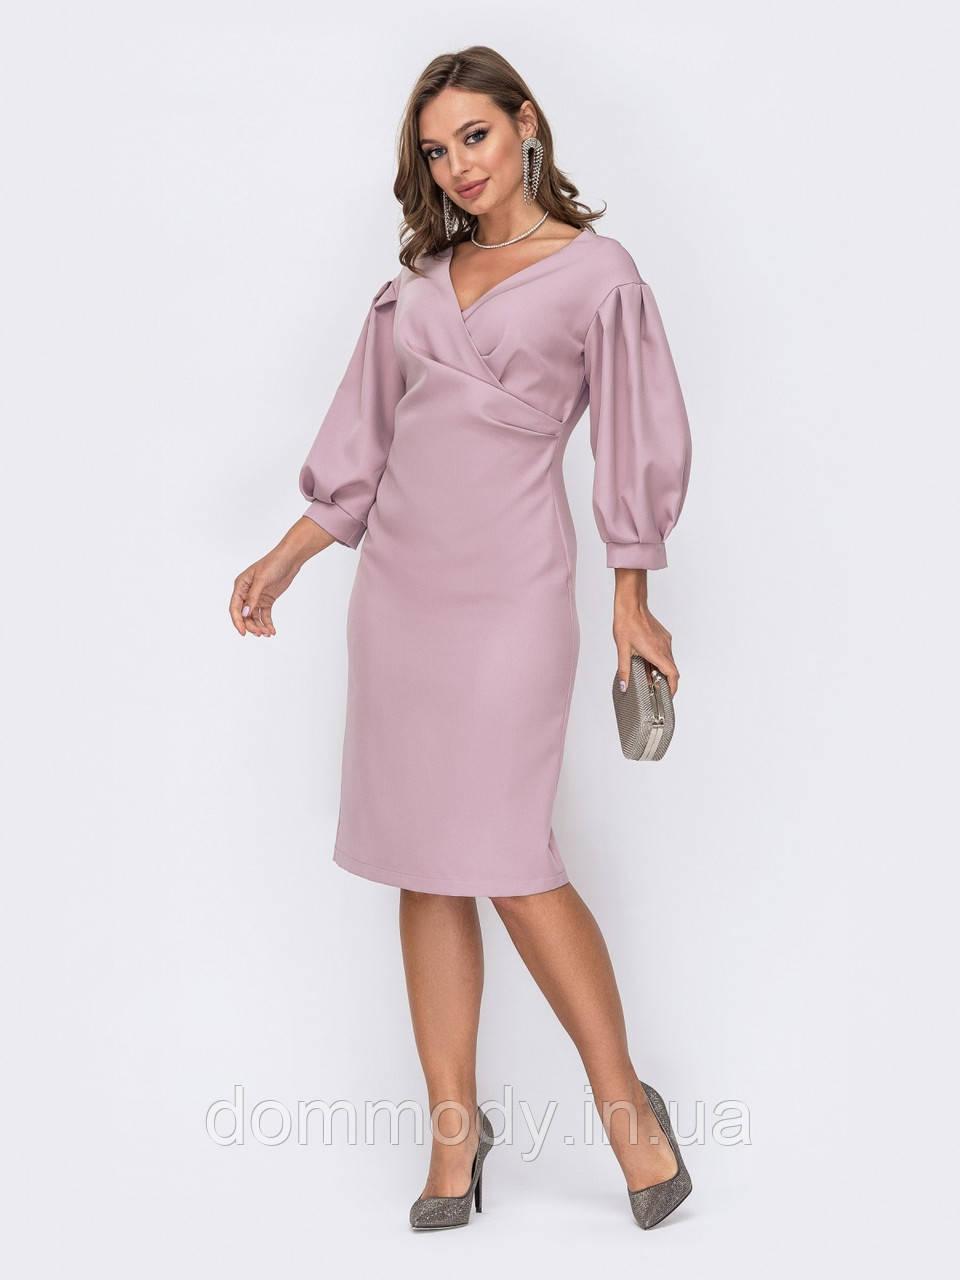 Платье женское Ellie розового цвета